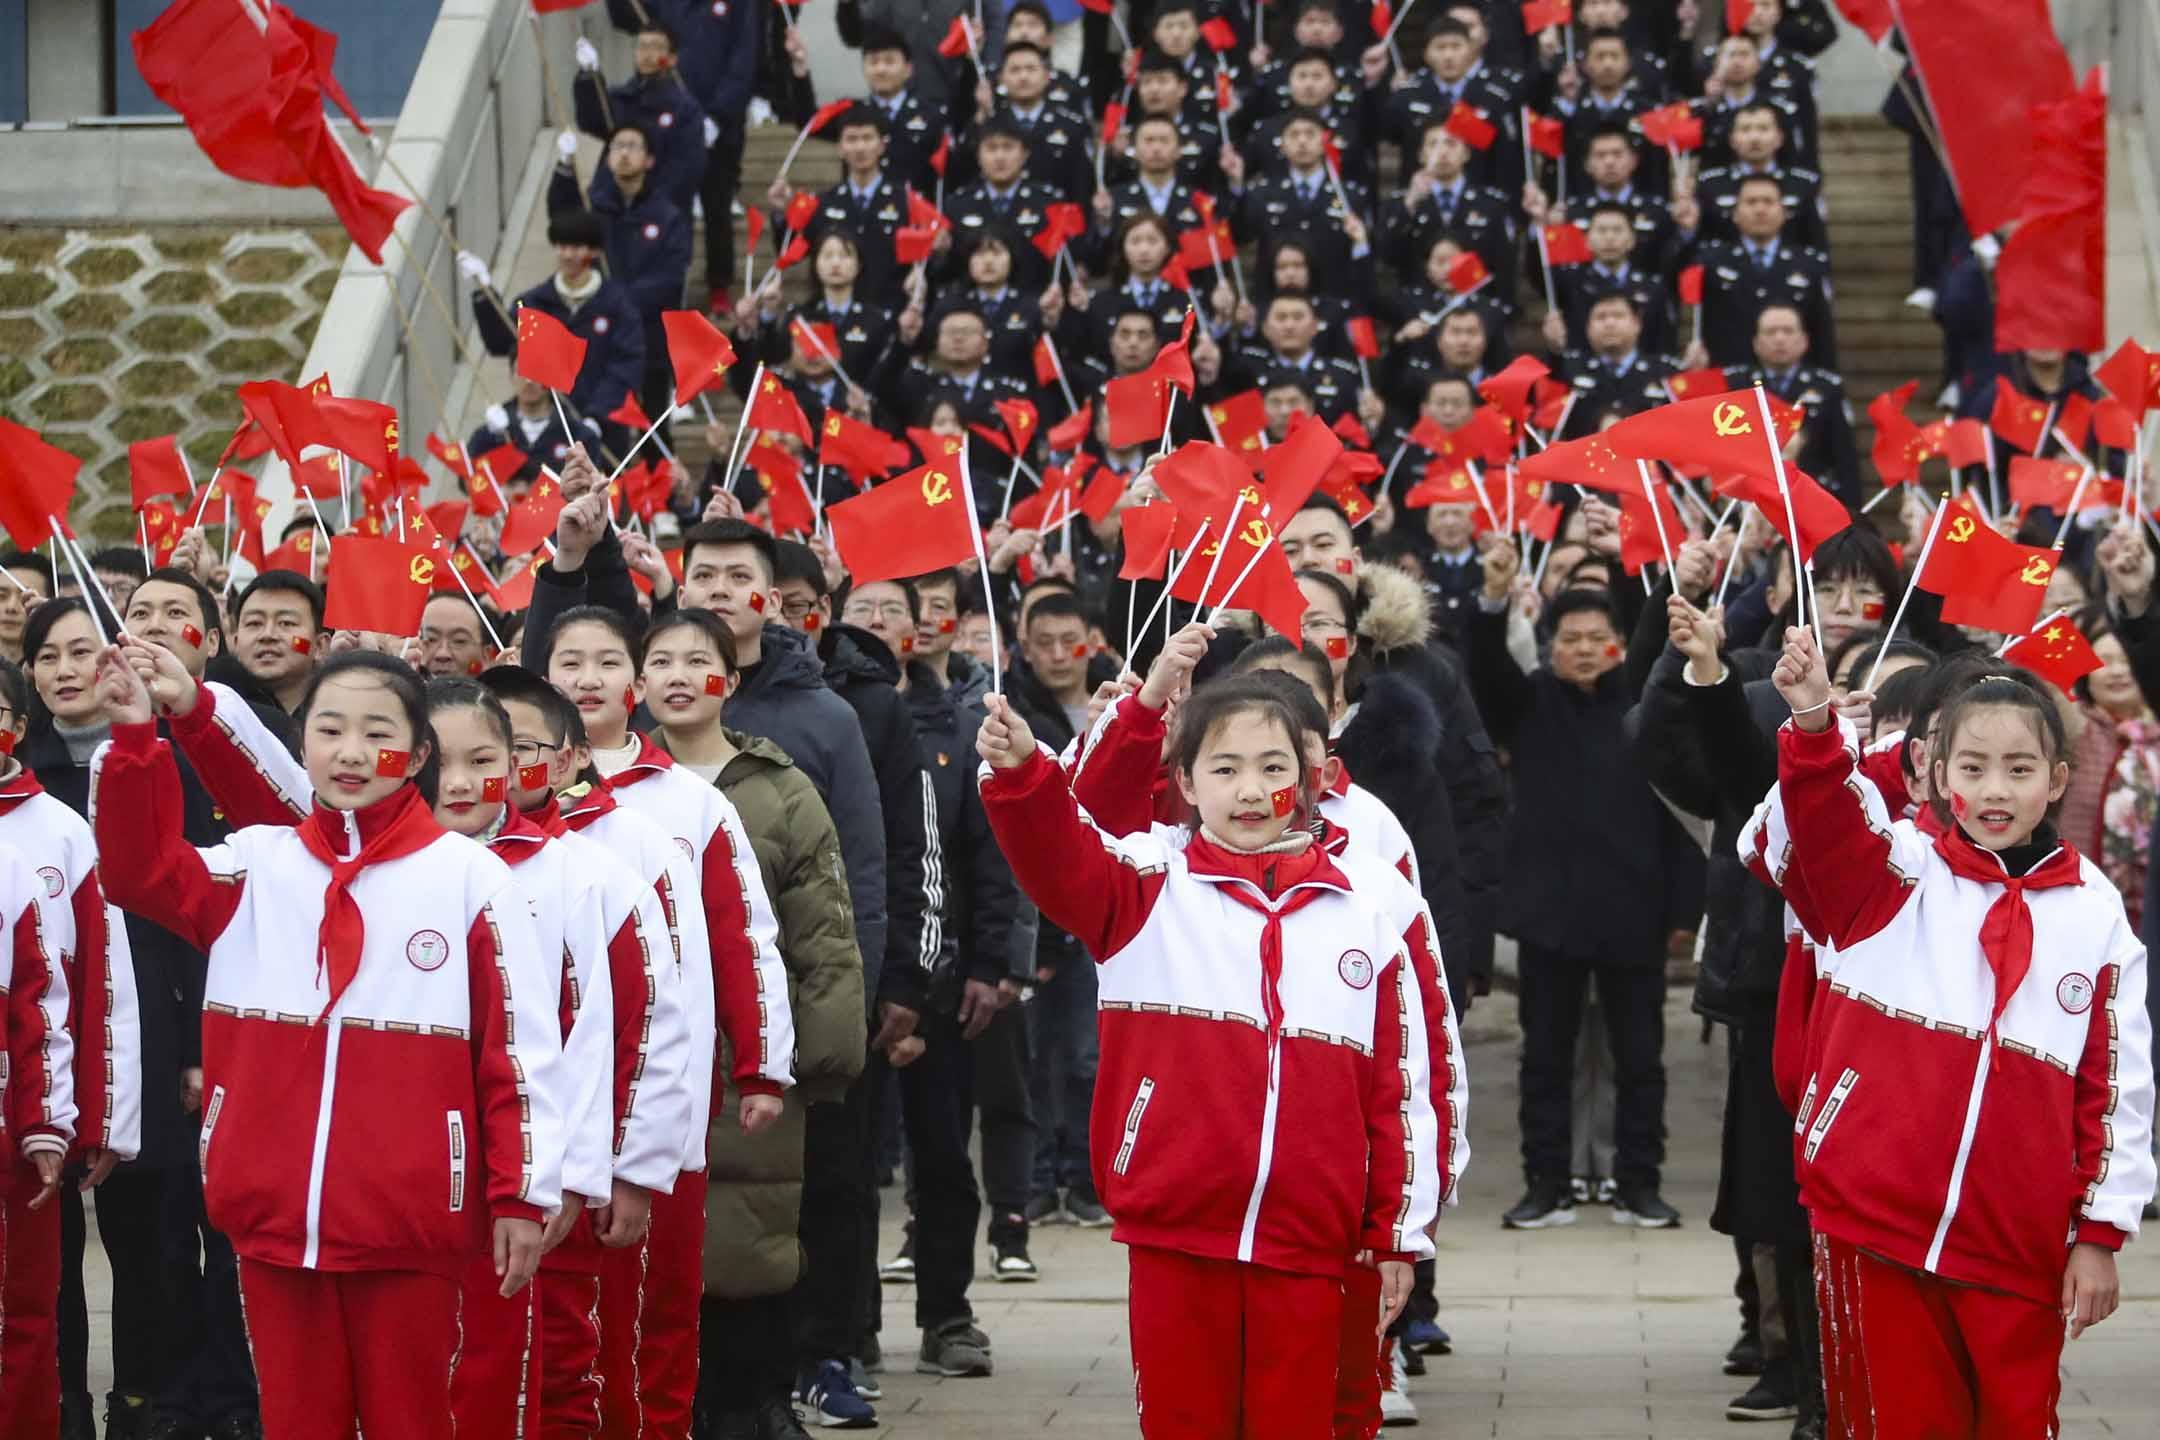 2021年2月28日中國淮安,市民和遊客唱著愛國歌曲,慶祝中國共產黨成立100週年。